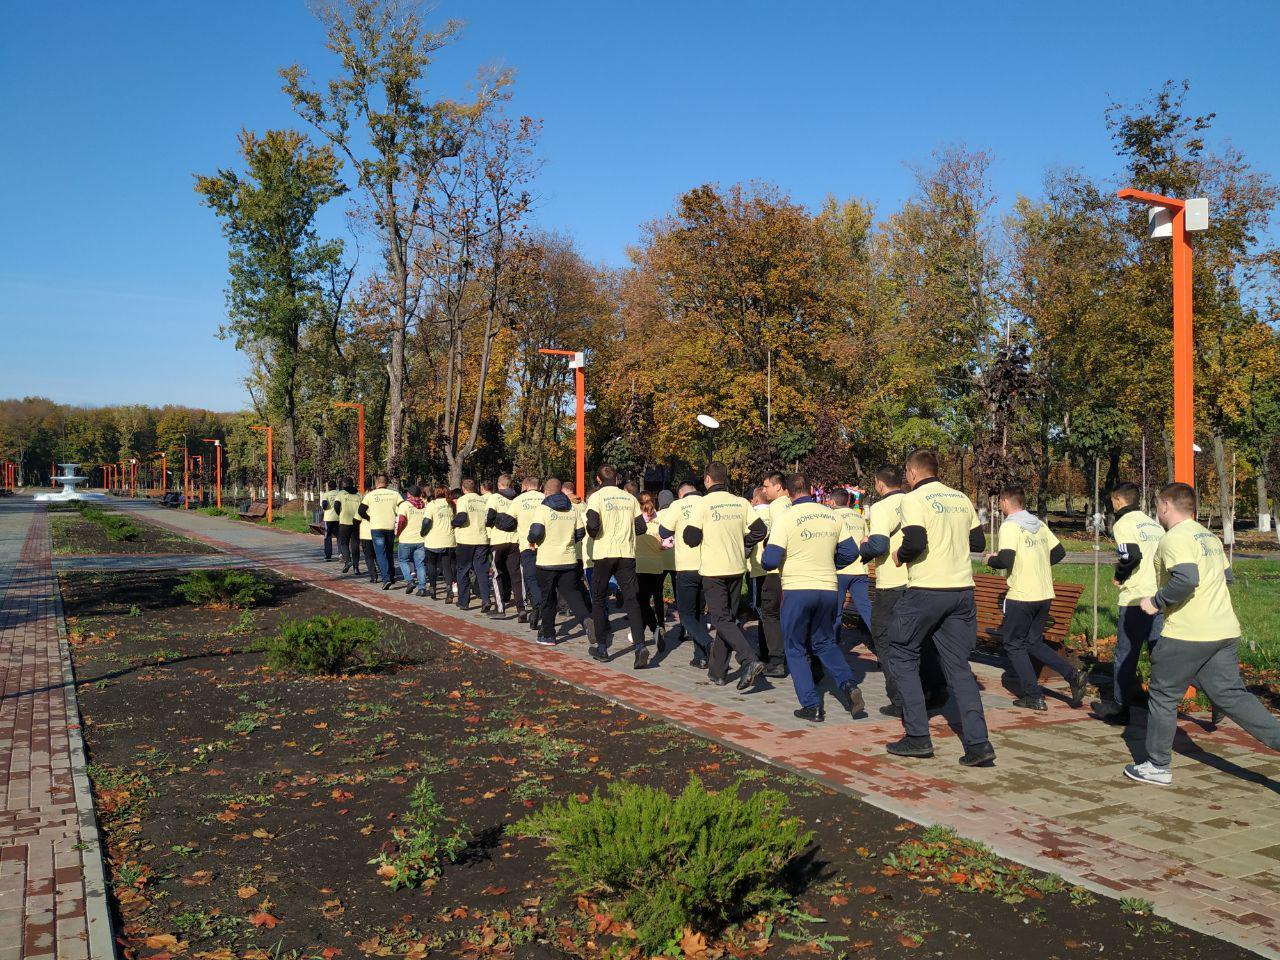 Правоохоронці Покровської оперативної зони взяли участь у марафоні до Дня захисника України, фото-4